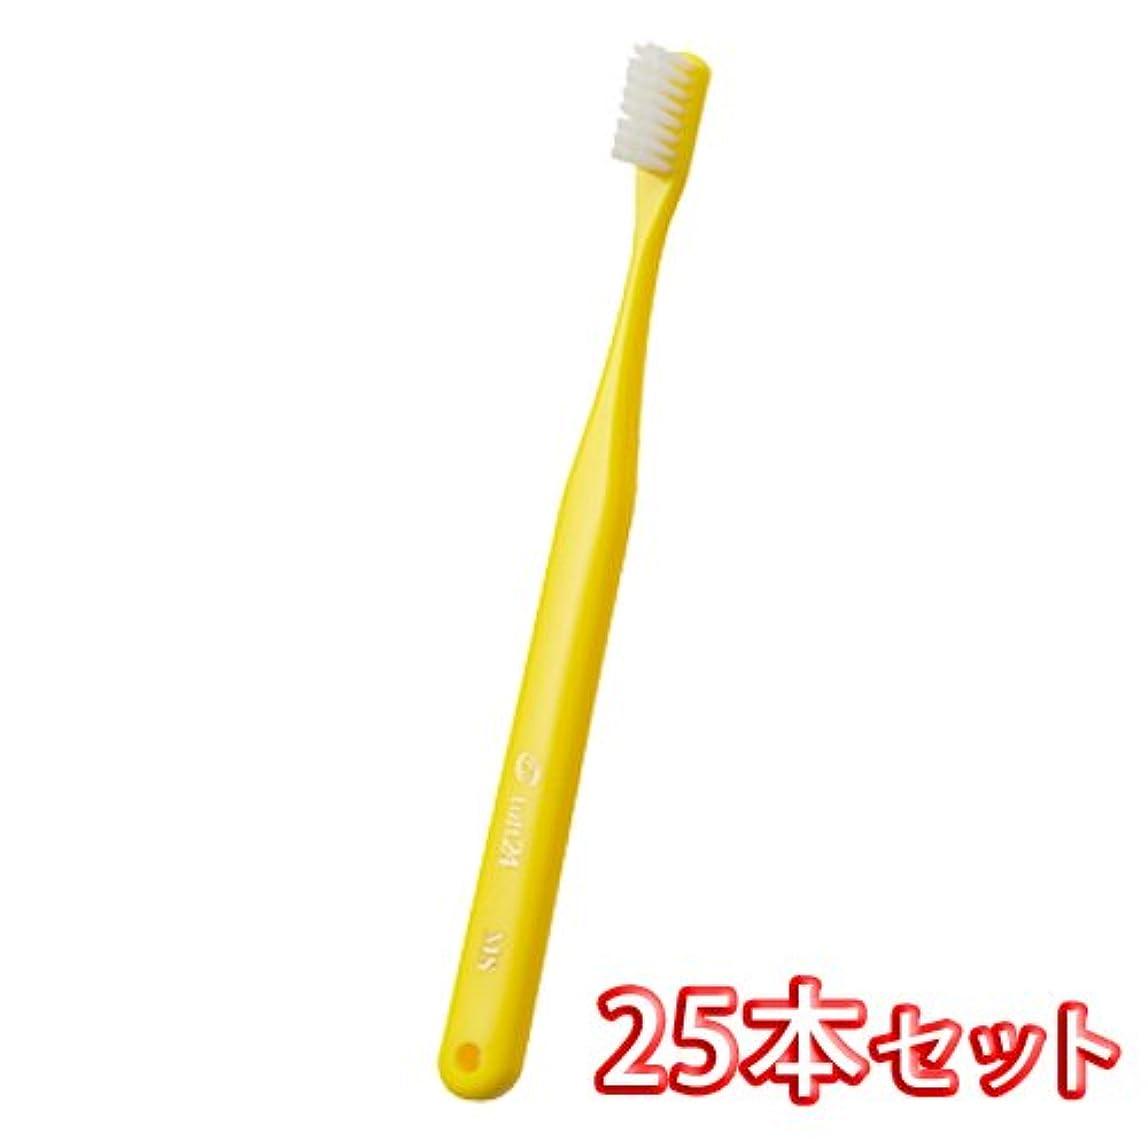 スタジオ植木謙虚なオーラルケア キャップ付き タフト 24歯ブラシ 25本入 ミディアム M (イエロー)